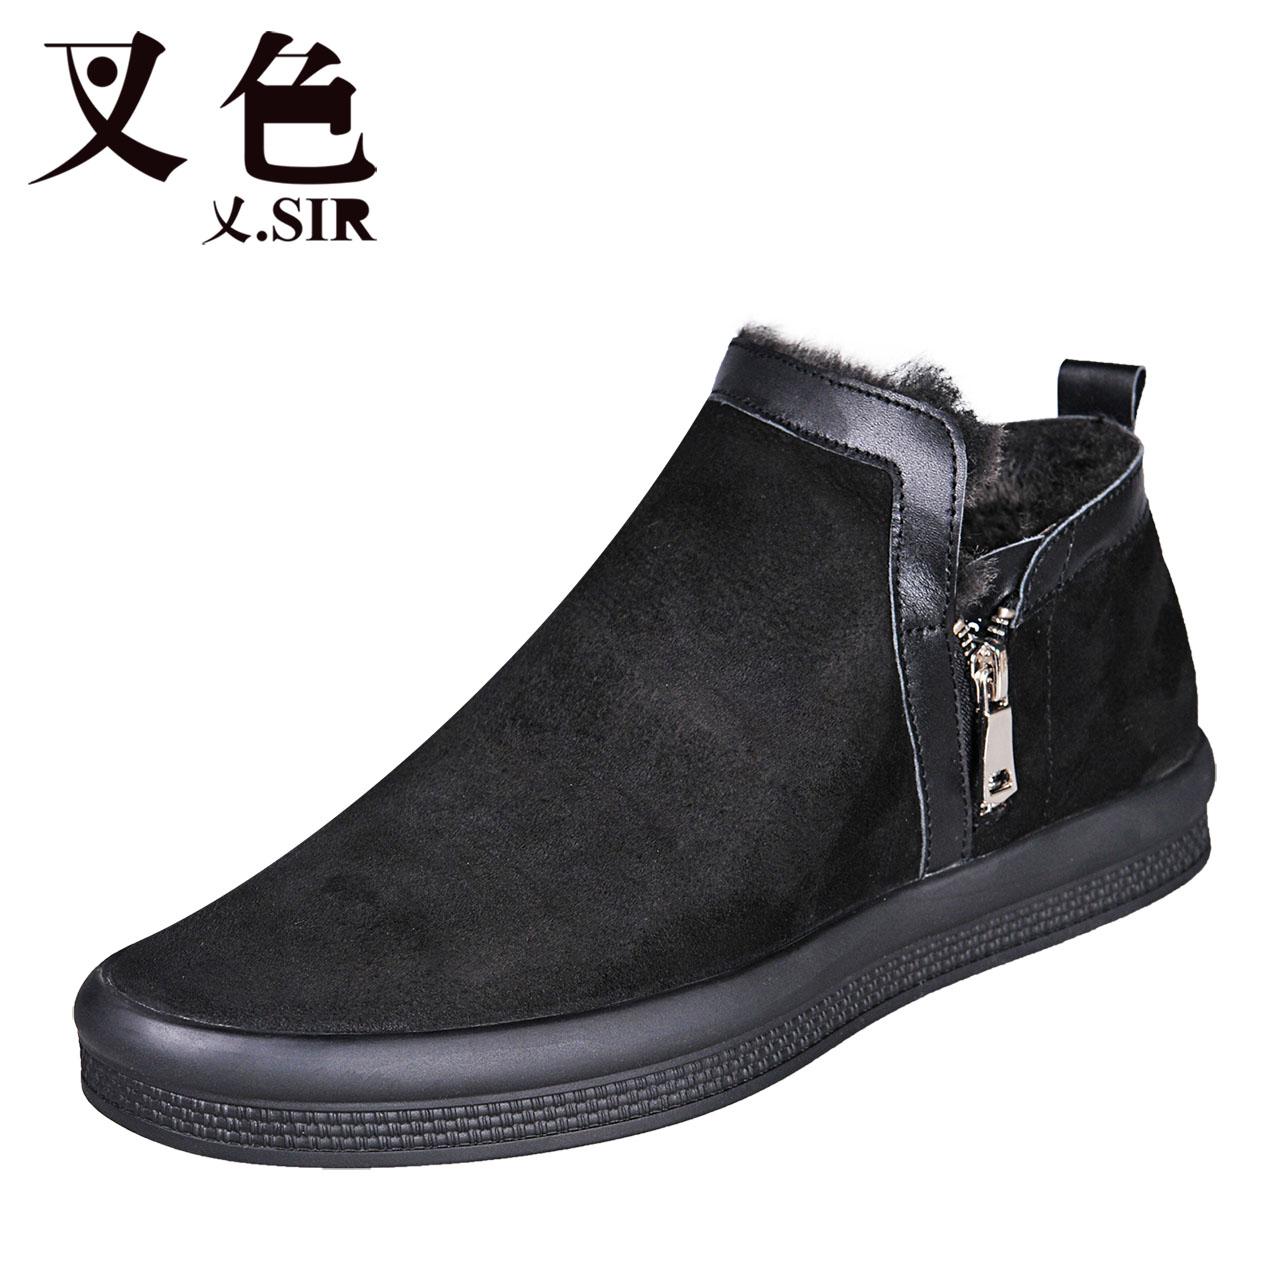 叉色羊皮毛一体男鞋冬季新款雪地靴男士高帮鞋真皮保暖棉鞋羊毛鞋